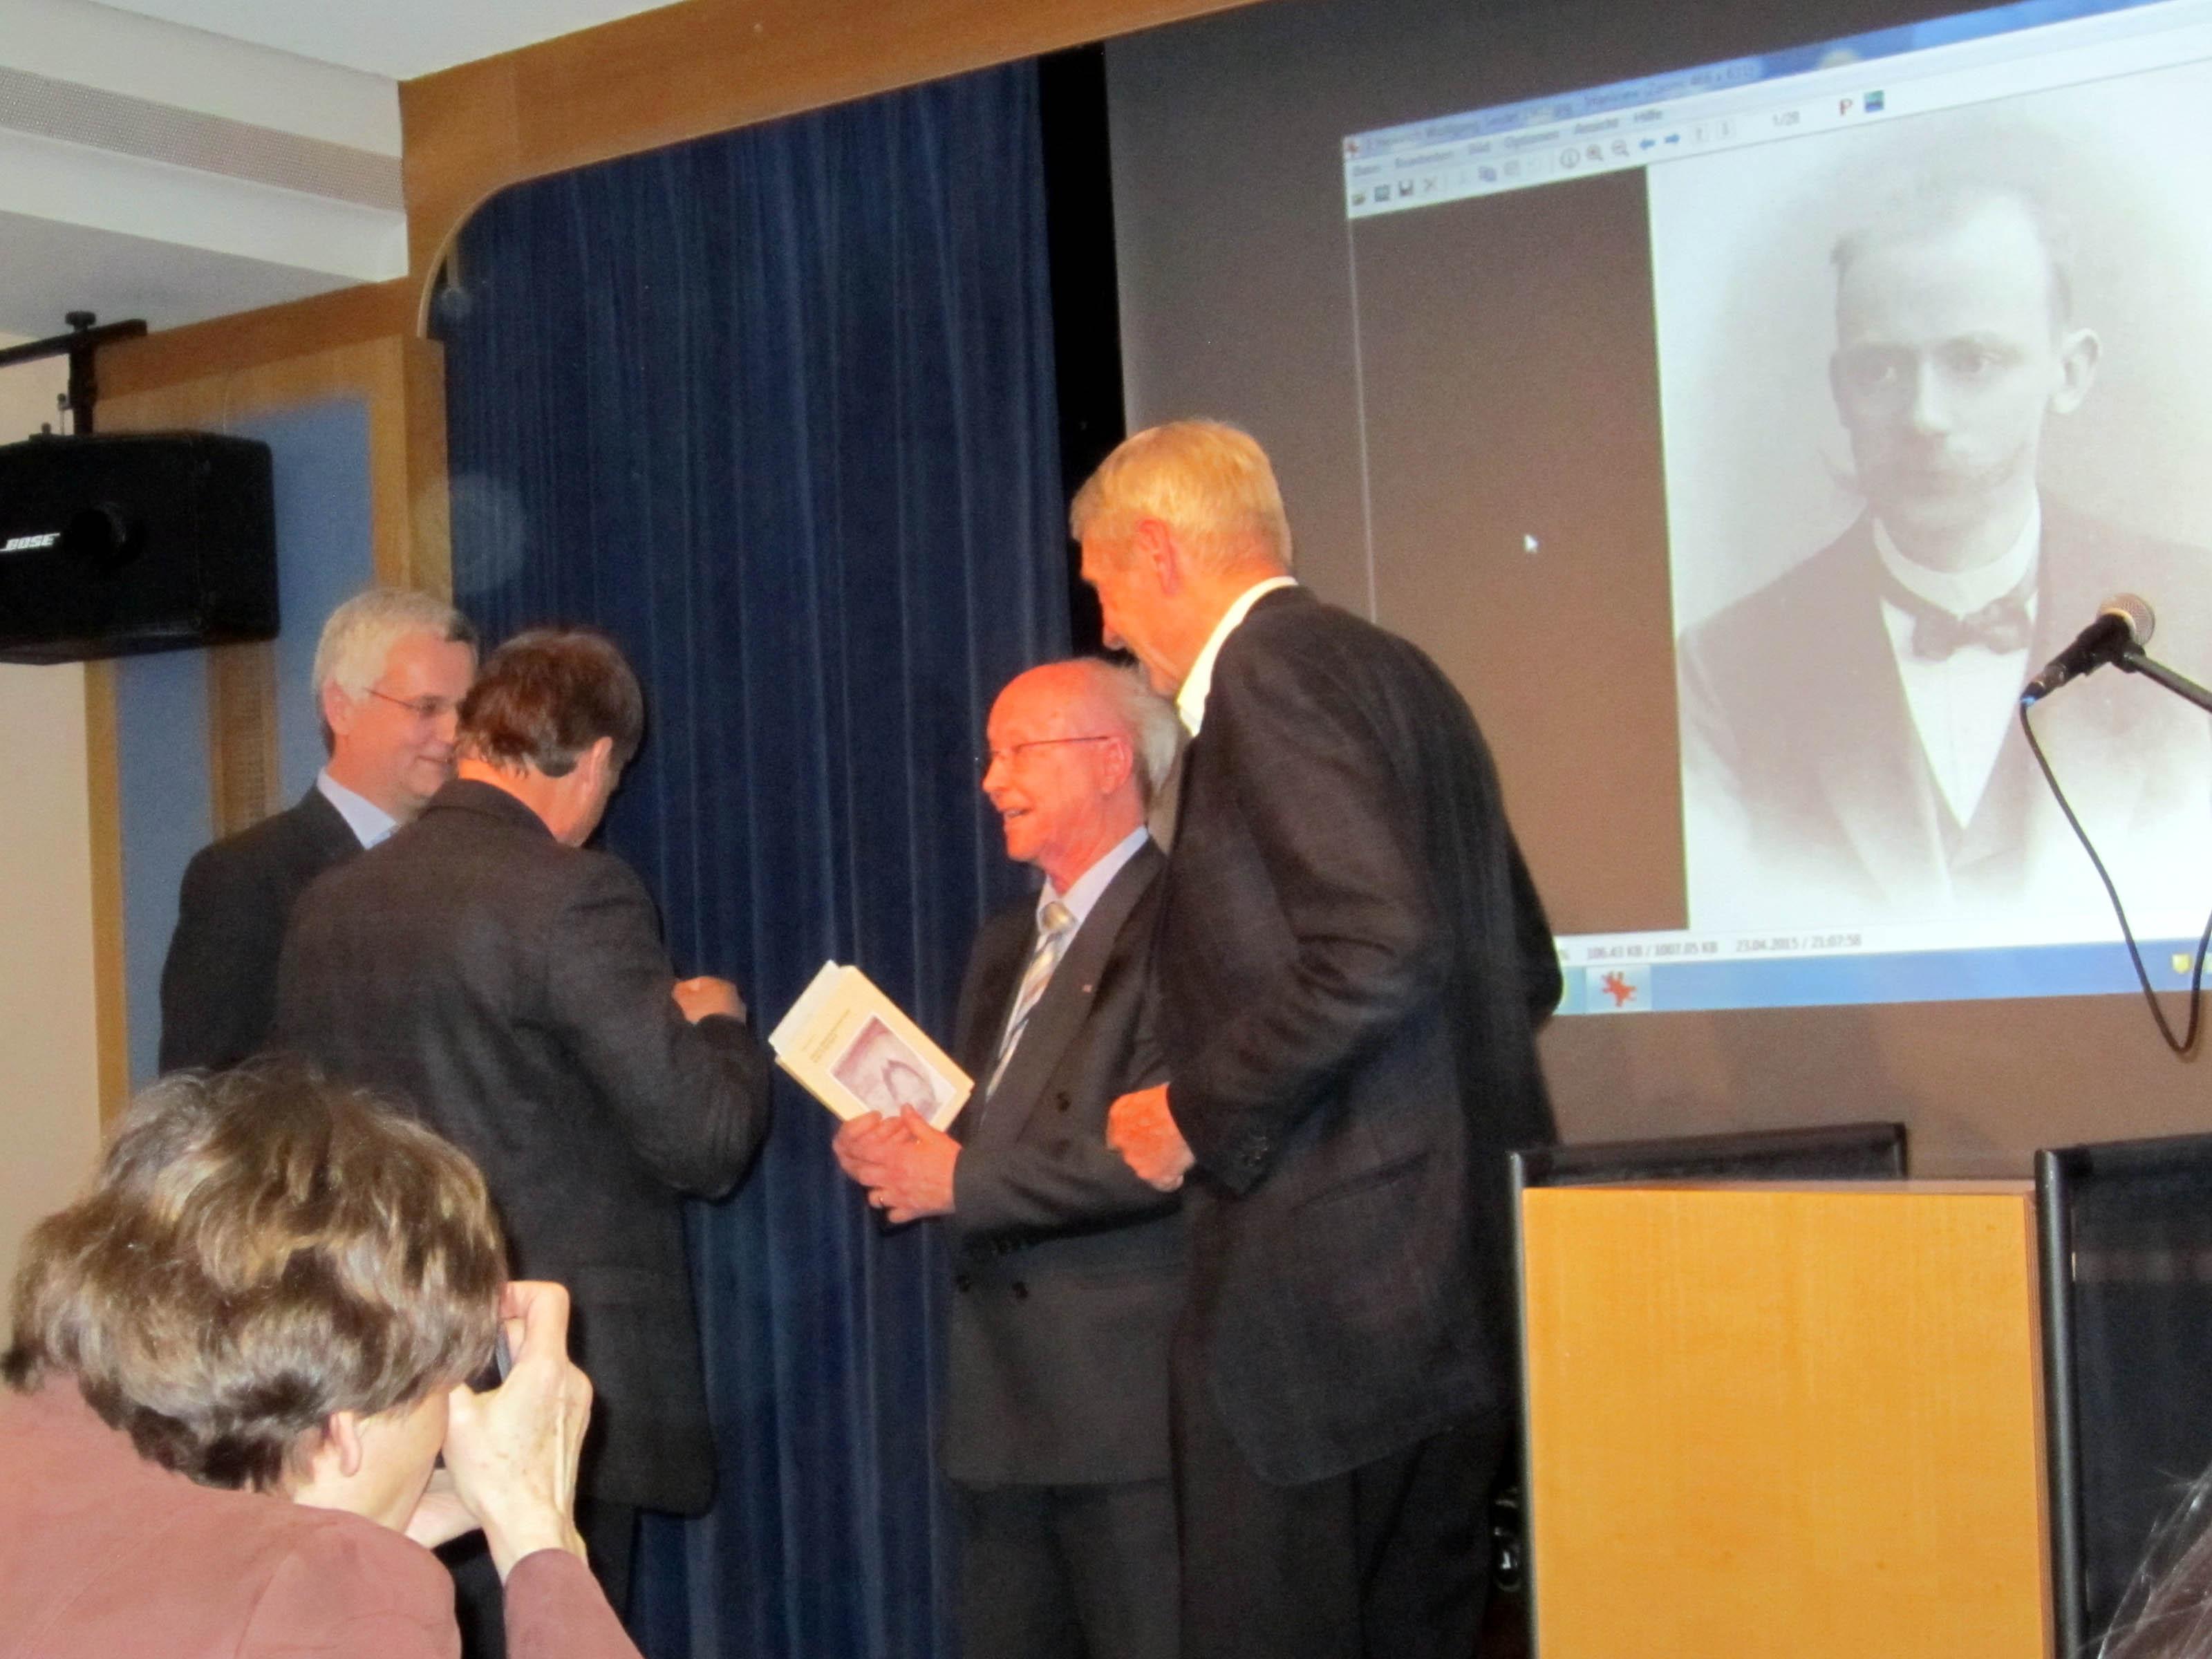 Übergabe des Adolf-Stahr-Preis: Bernhard Rengert, Jürgen Theil, Prof. Klaus Goebel (Preisträger) und Holger Cassens (Stifter) (v. l. n. r.). (Foto: Dr. M. Schulz)